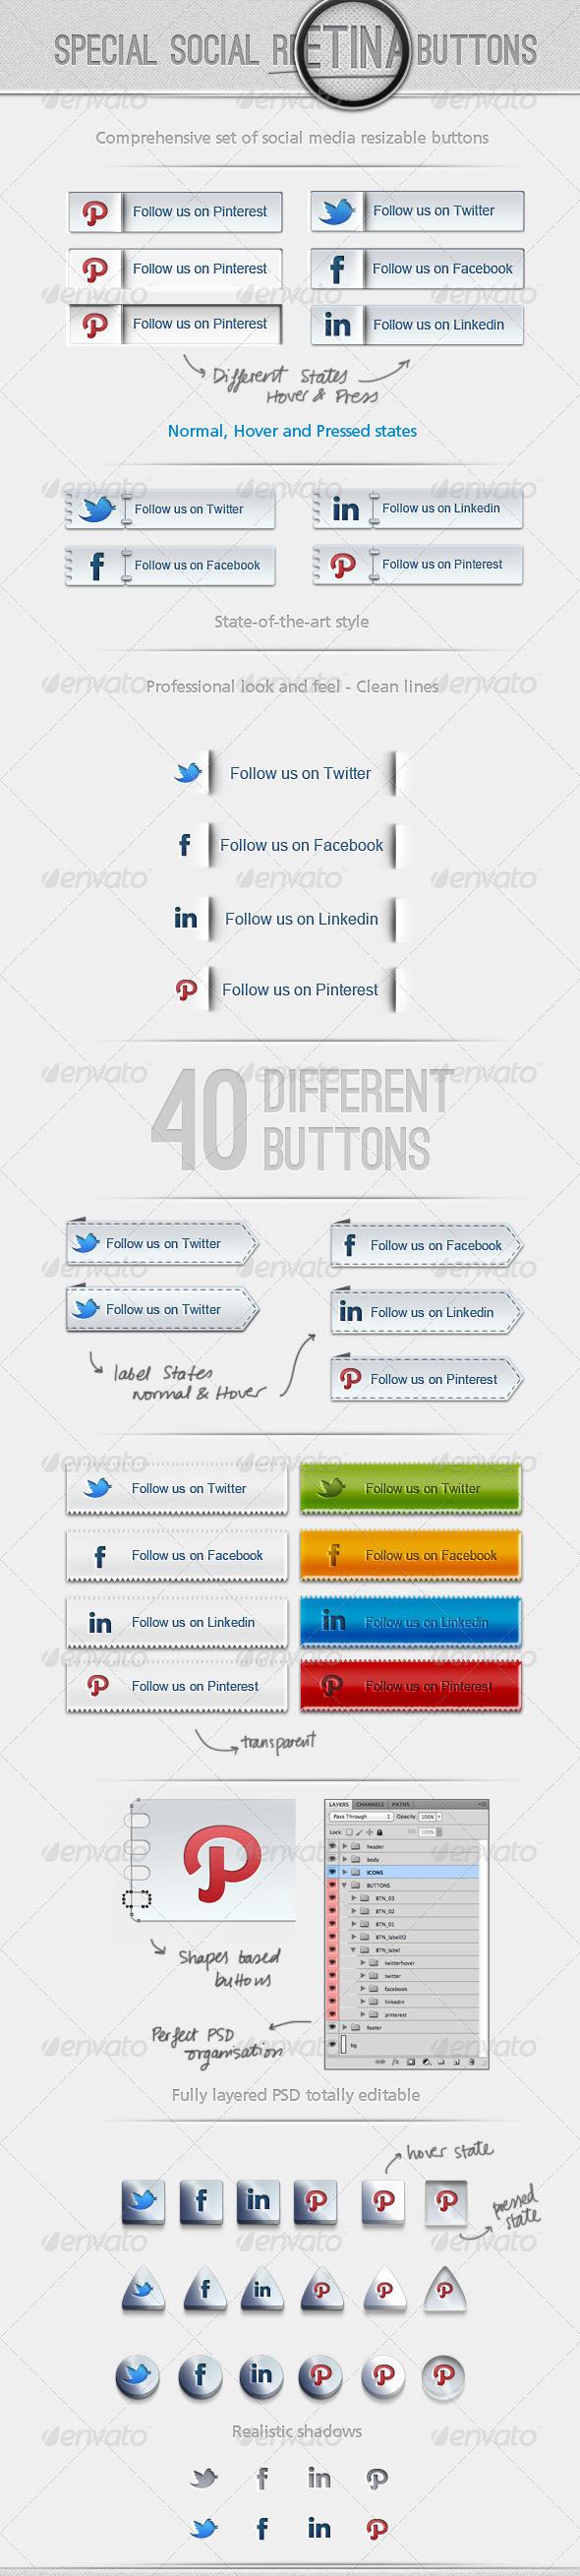 GraphicRiver 40 Special Social Retina Buttons 2546820